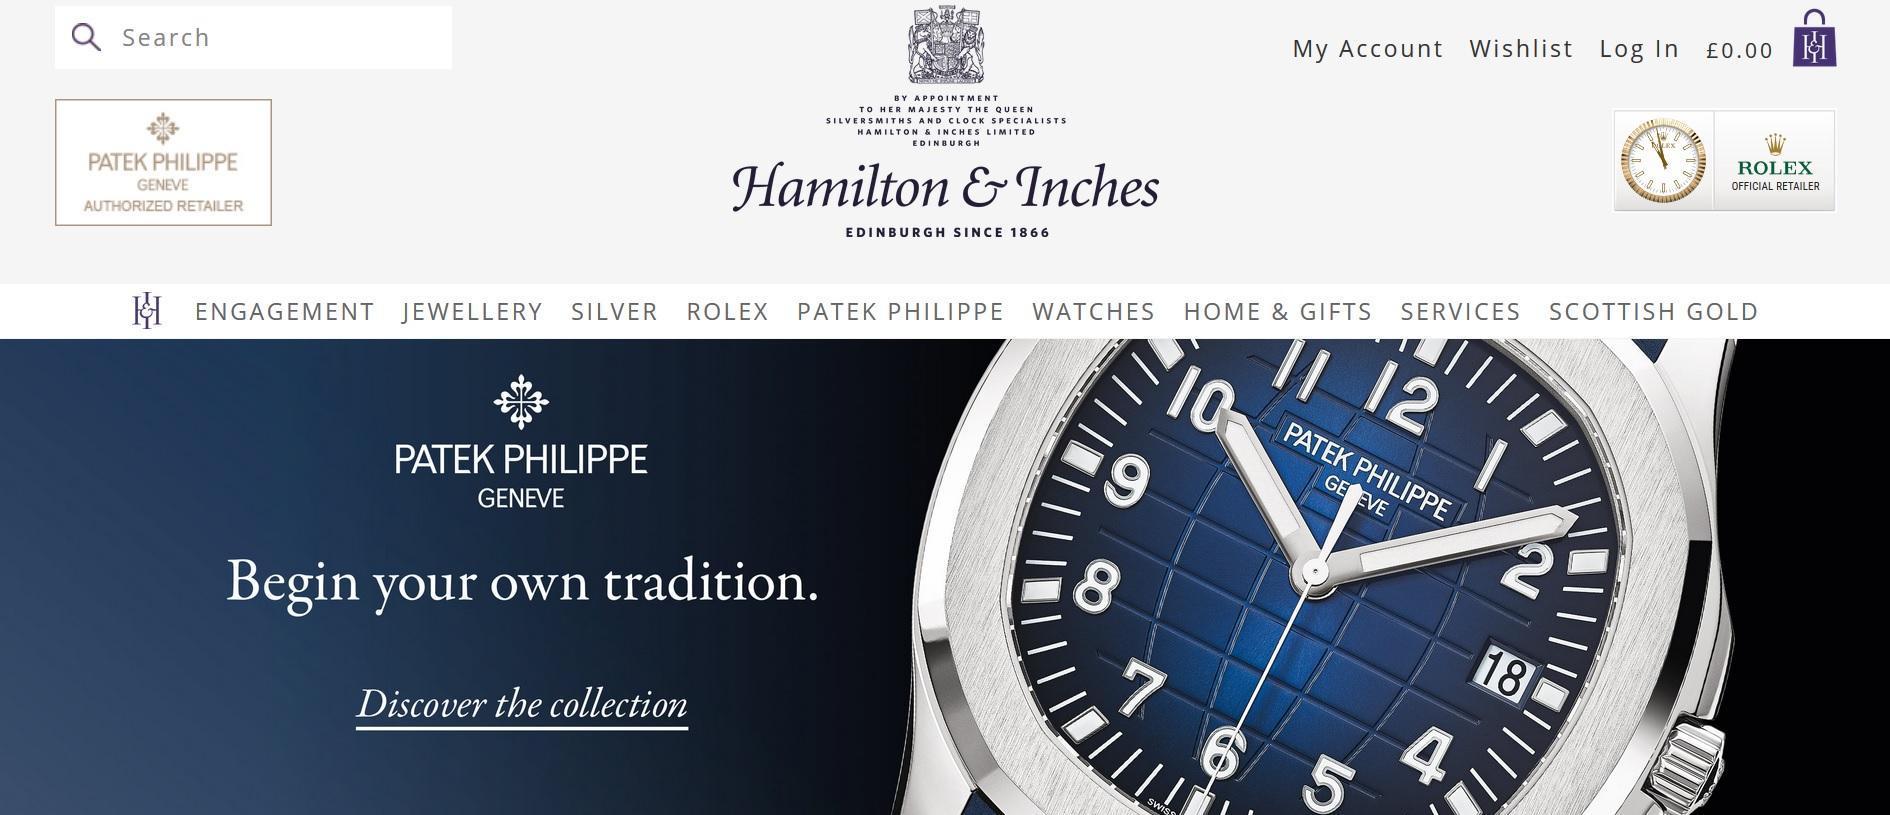 Hamilton & Inches